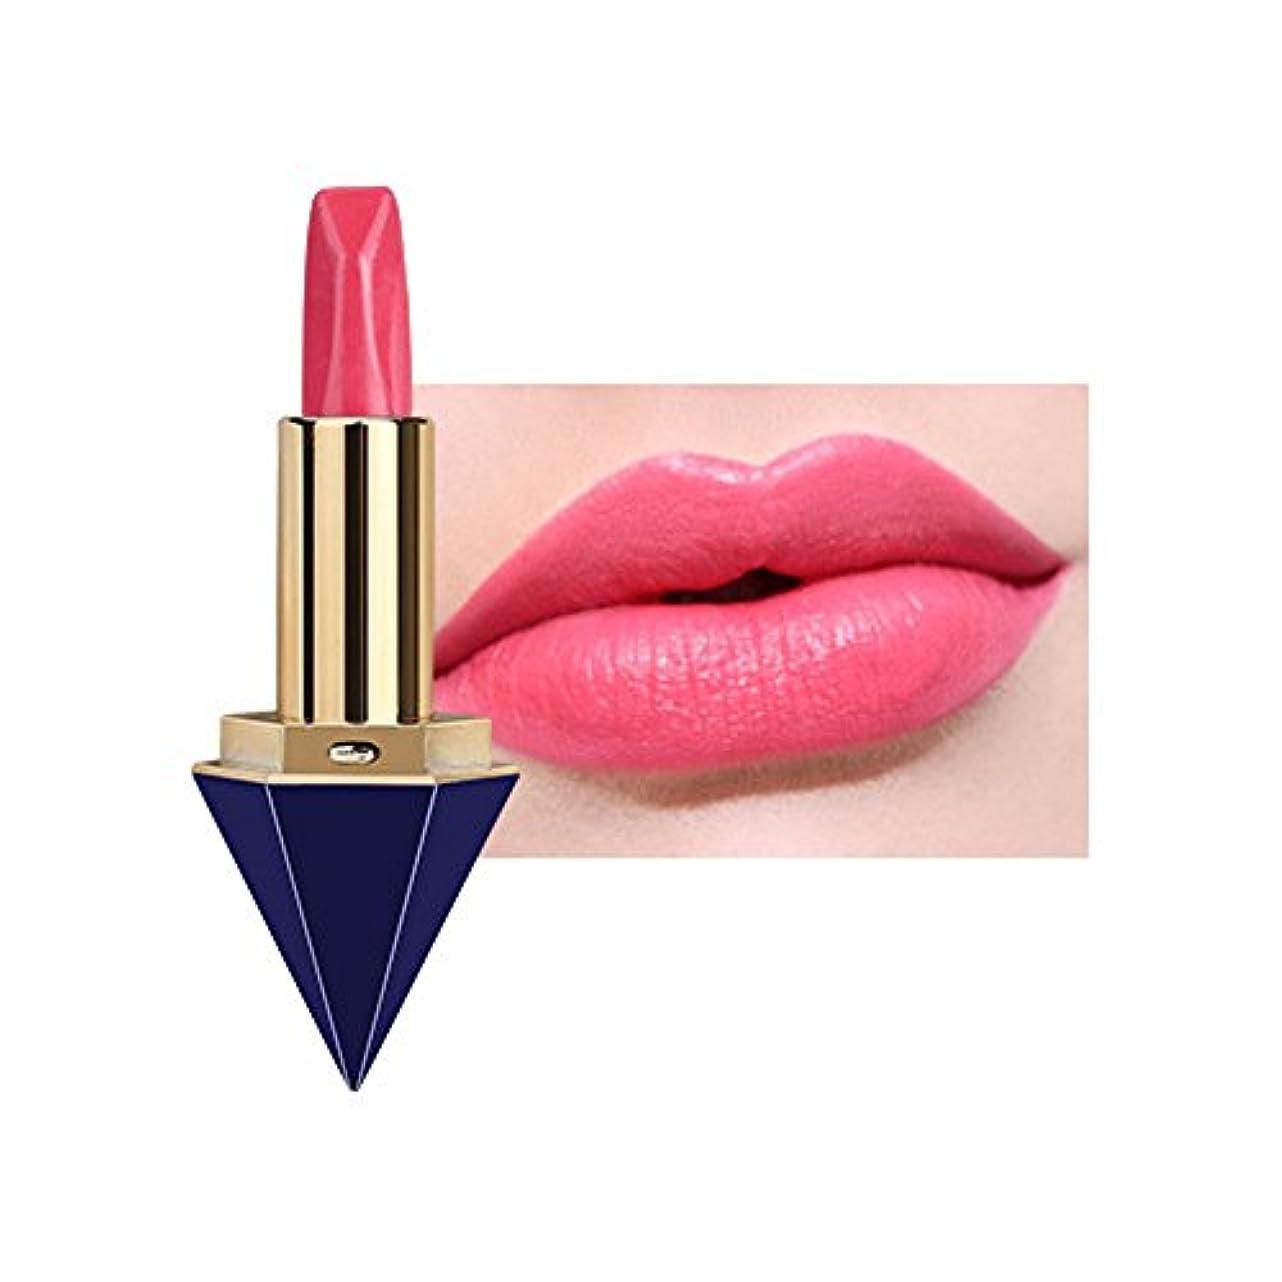 妨げる電話に出るベーカリーDoitsa リップグロス 液体リップ 口紅 メイク 唇 美容 化粧 防水 明るい マット スムース 魅力 多彩 防水 人気 おしゃれ レディース